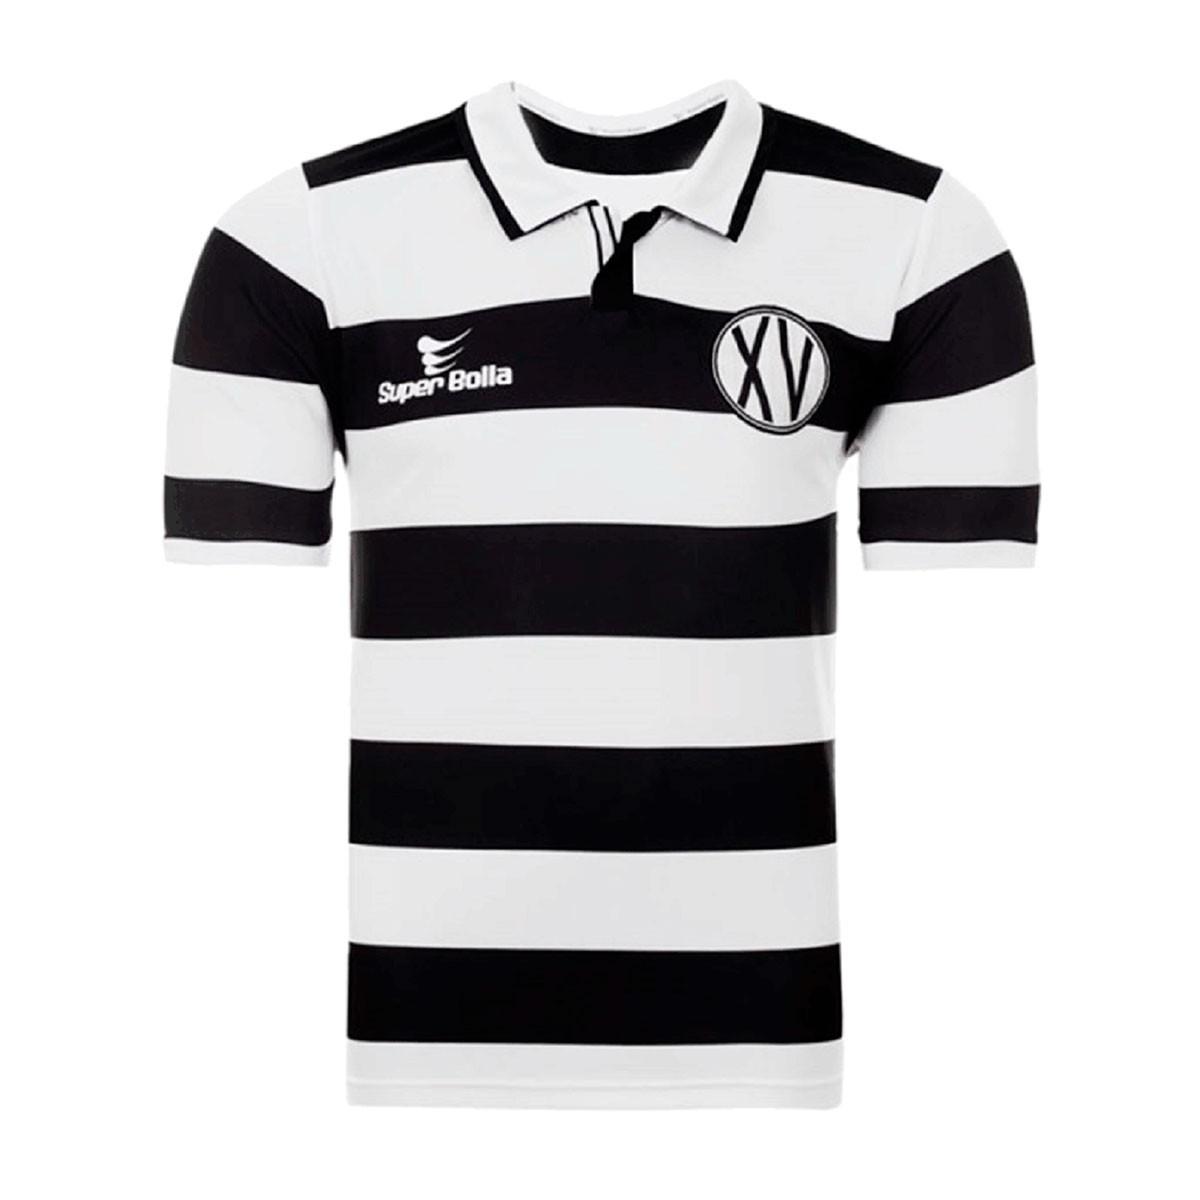 Camisa XV de Piracicaba Superbolla Home 2016